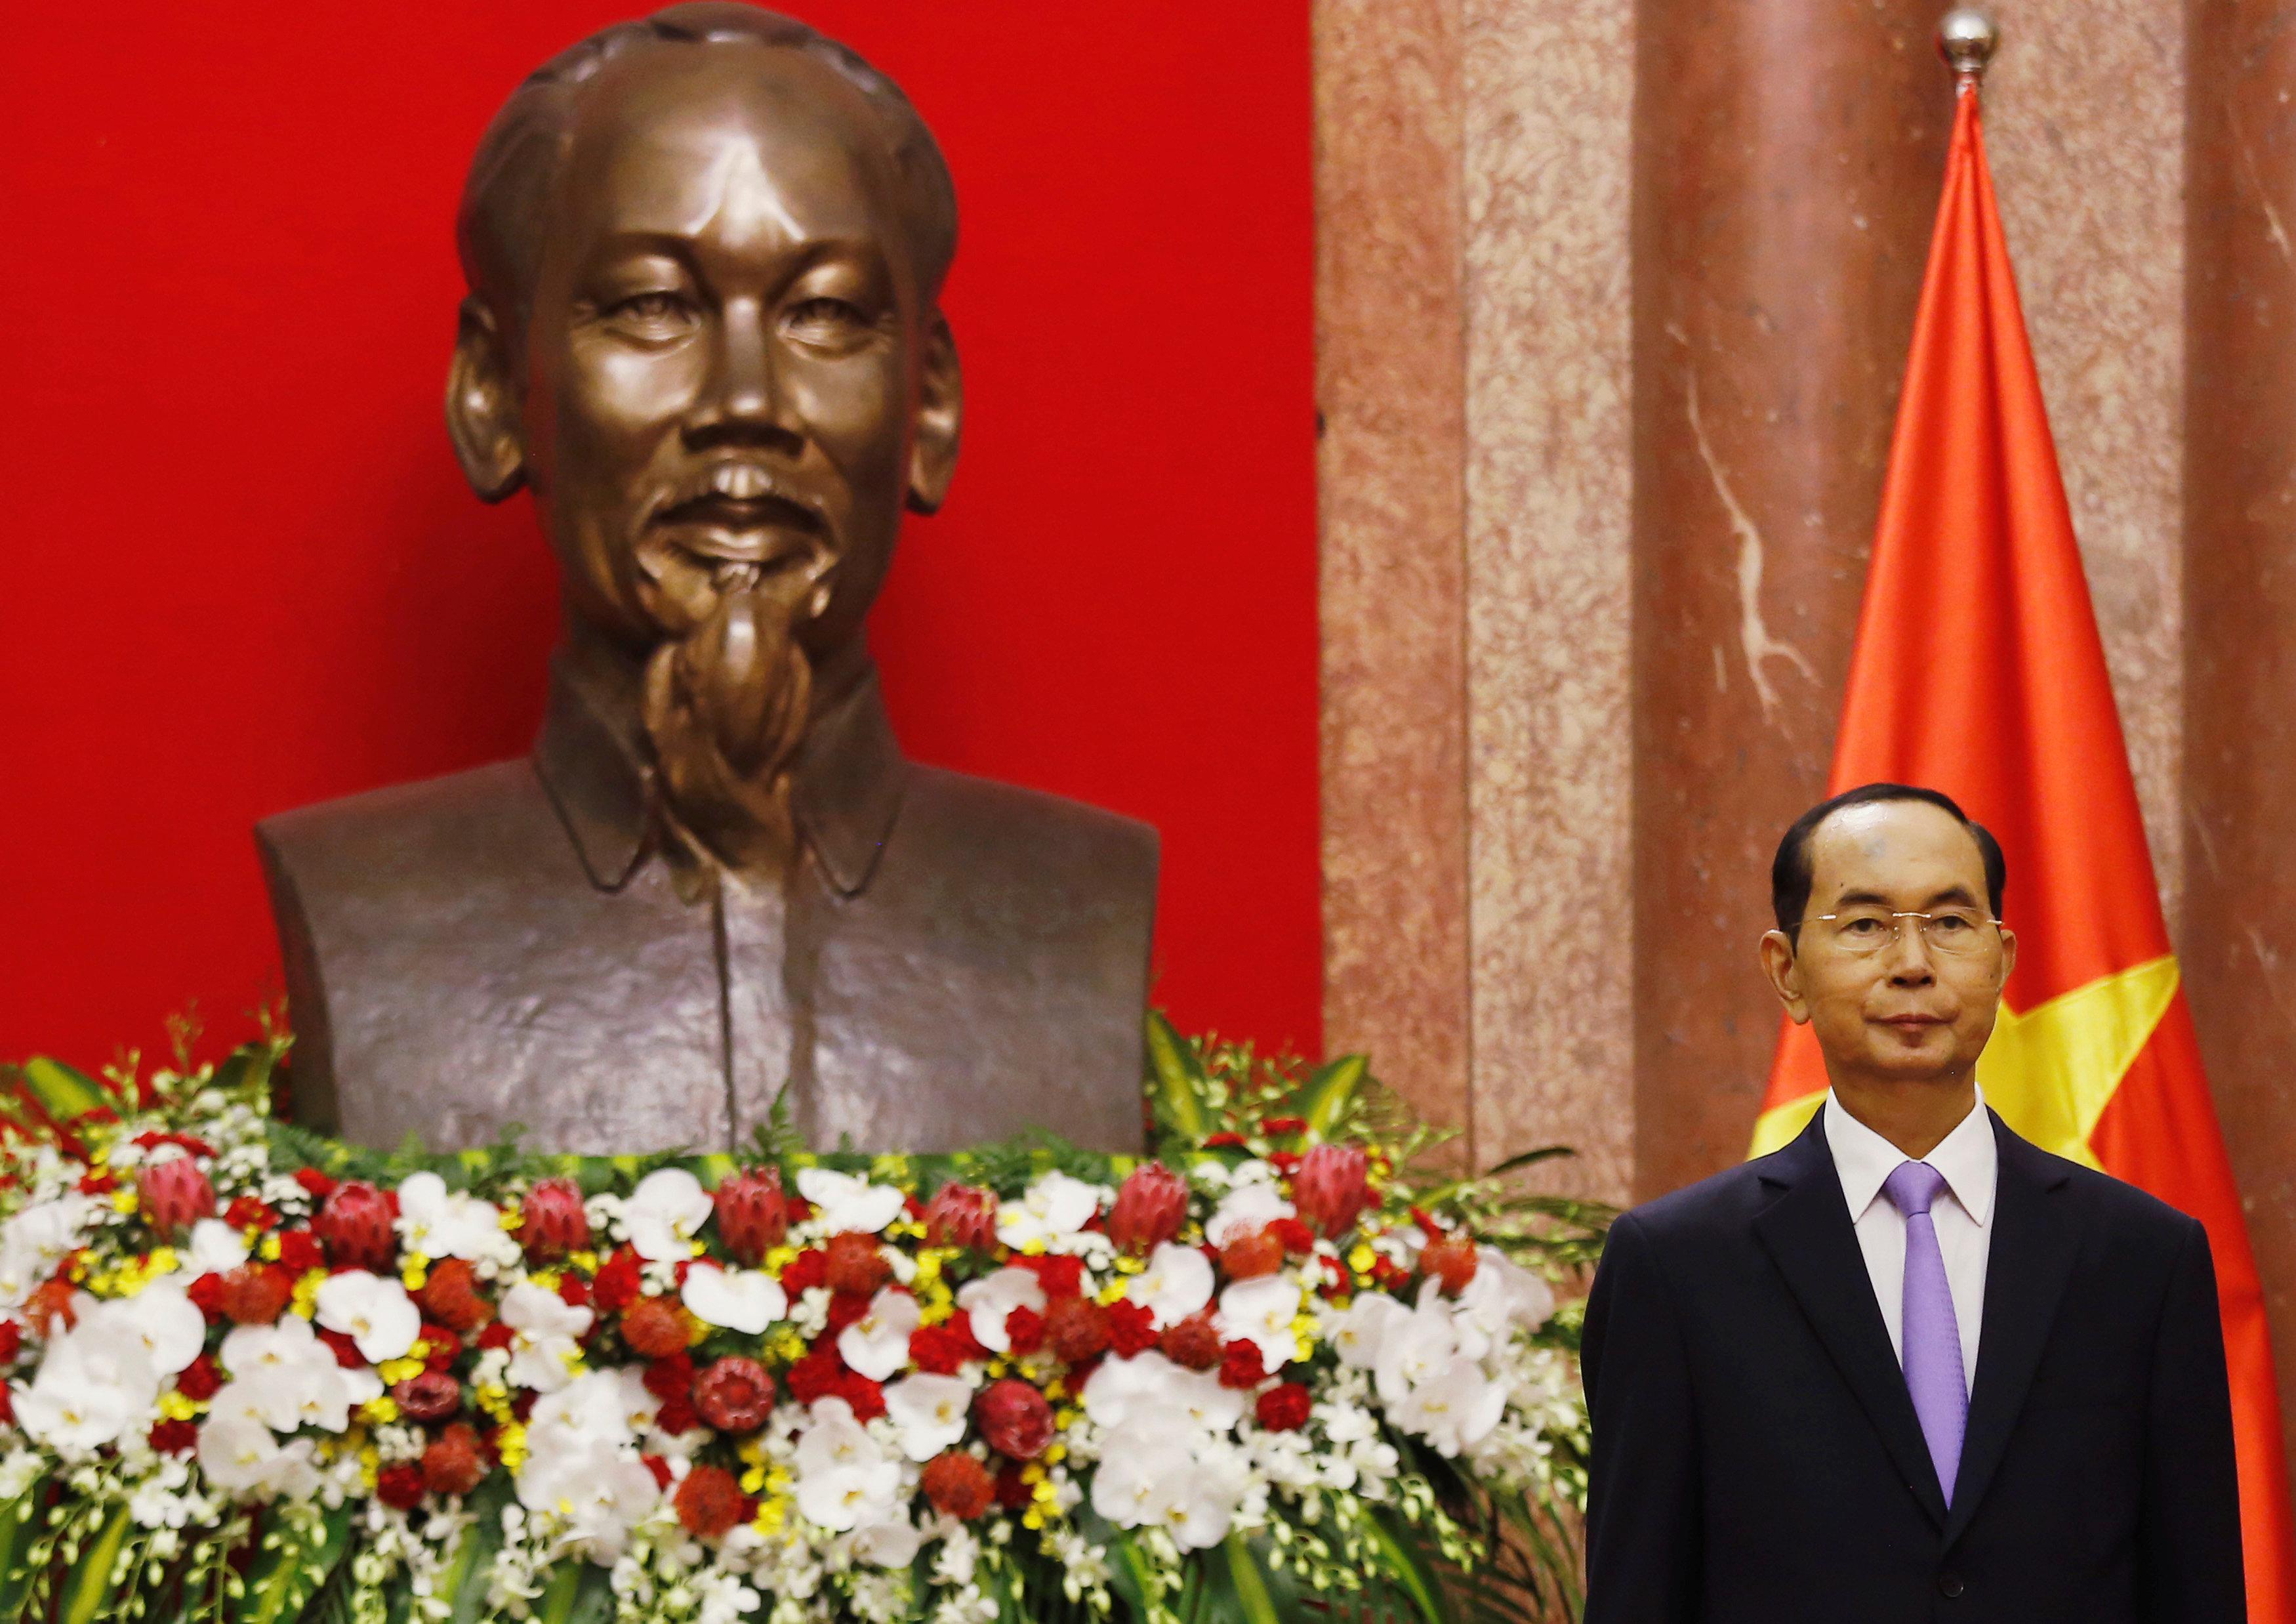 Πέθανε ο πρόεδρος του Βιετνάμ, ηγετική μορφή της συντηρητικής πτέρυγας του Κομμουνιστικού